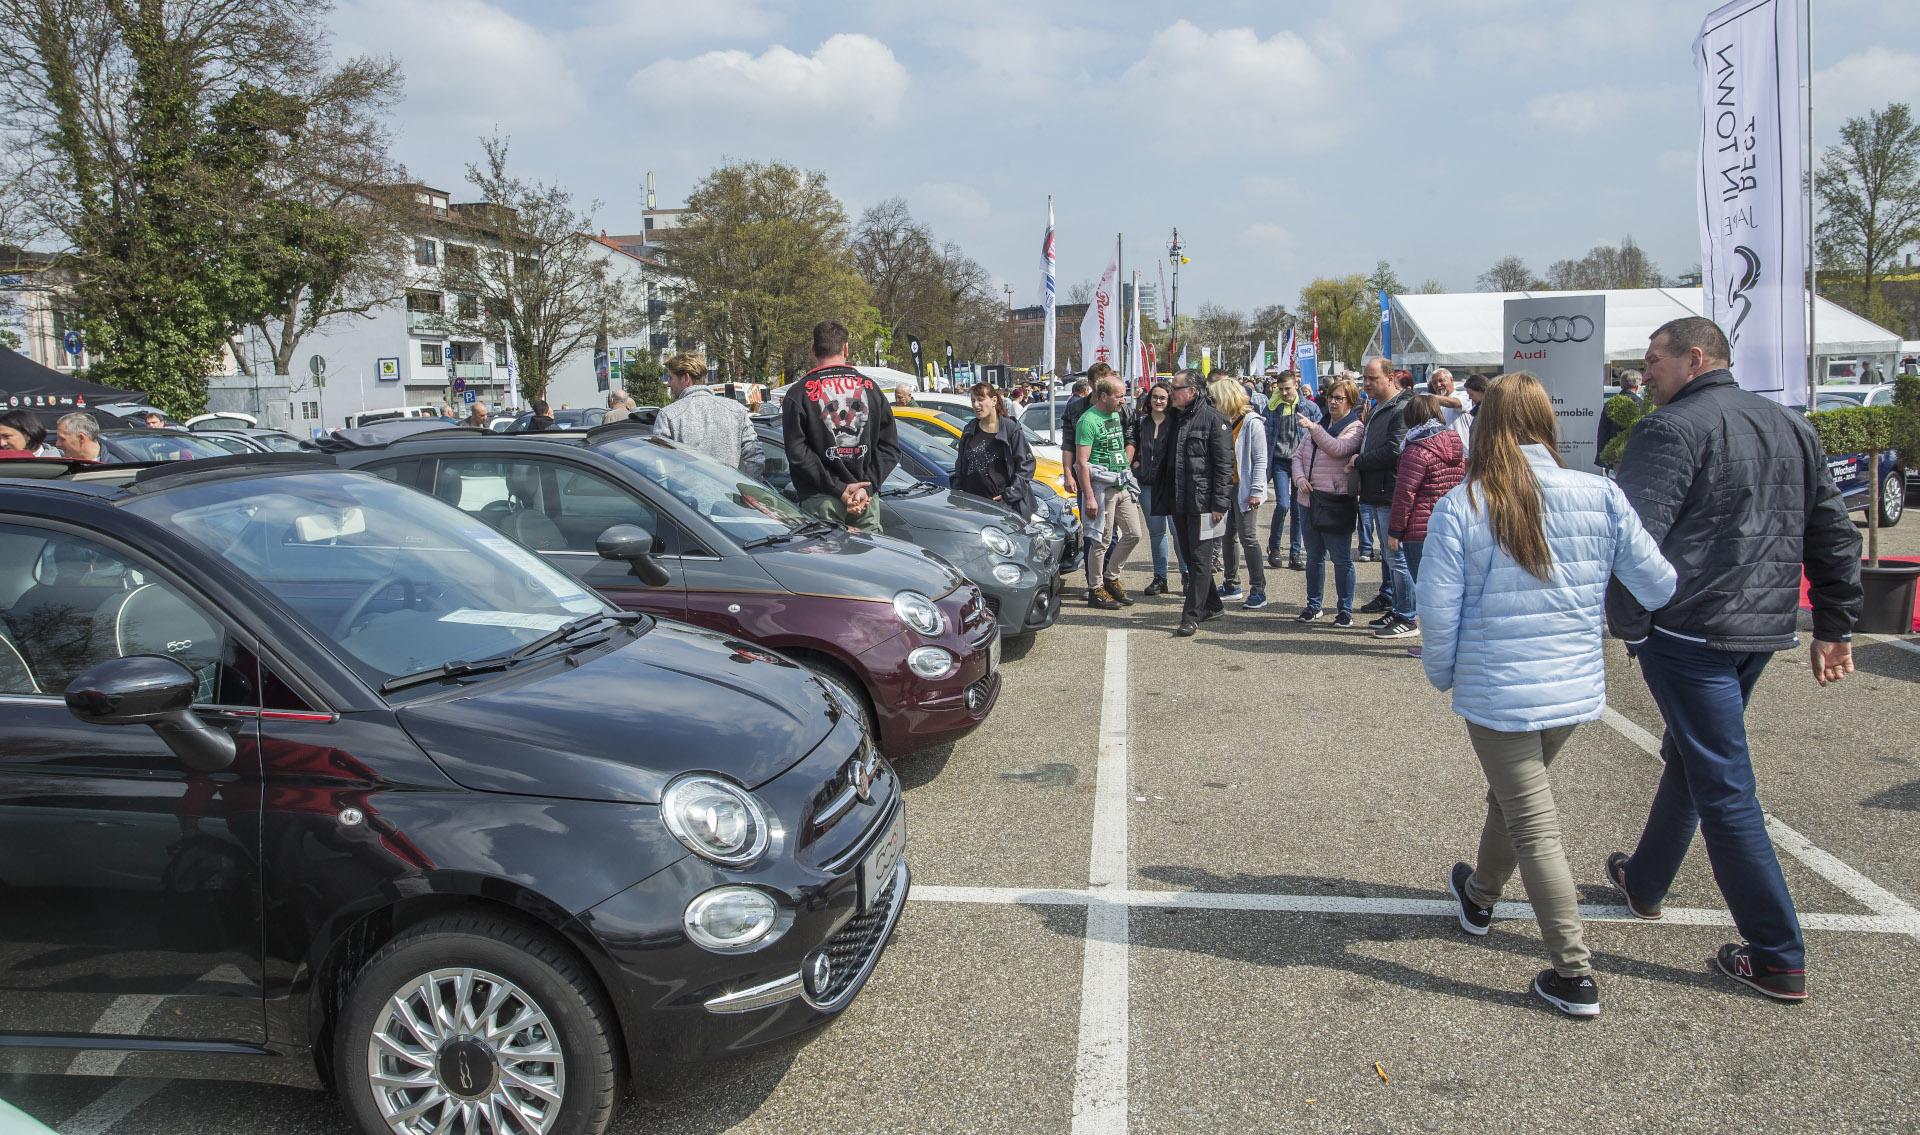 Tausende besuchen jedes Jahr den Pforzheimer Automarkt